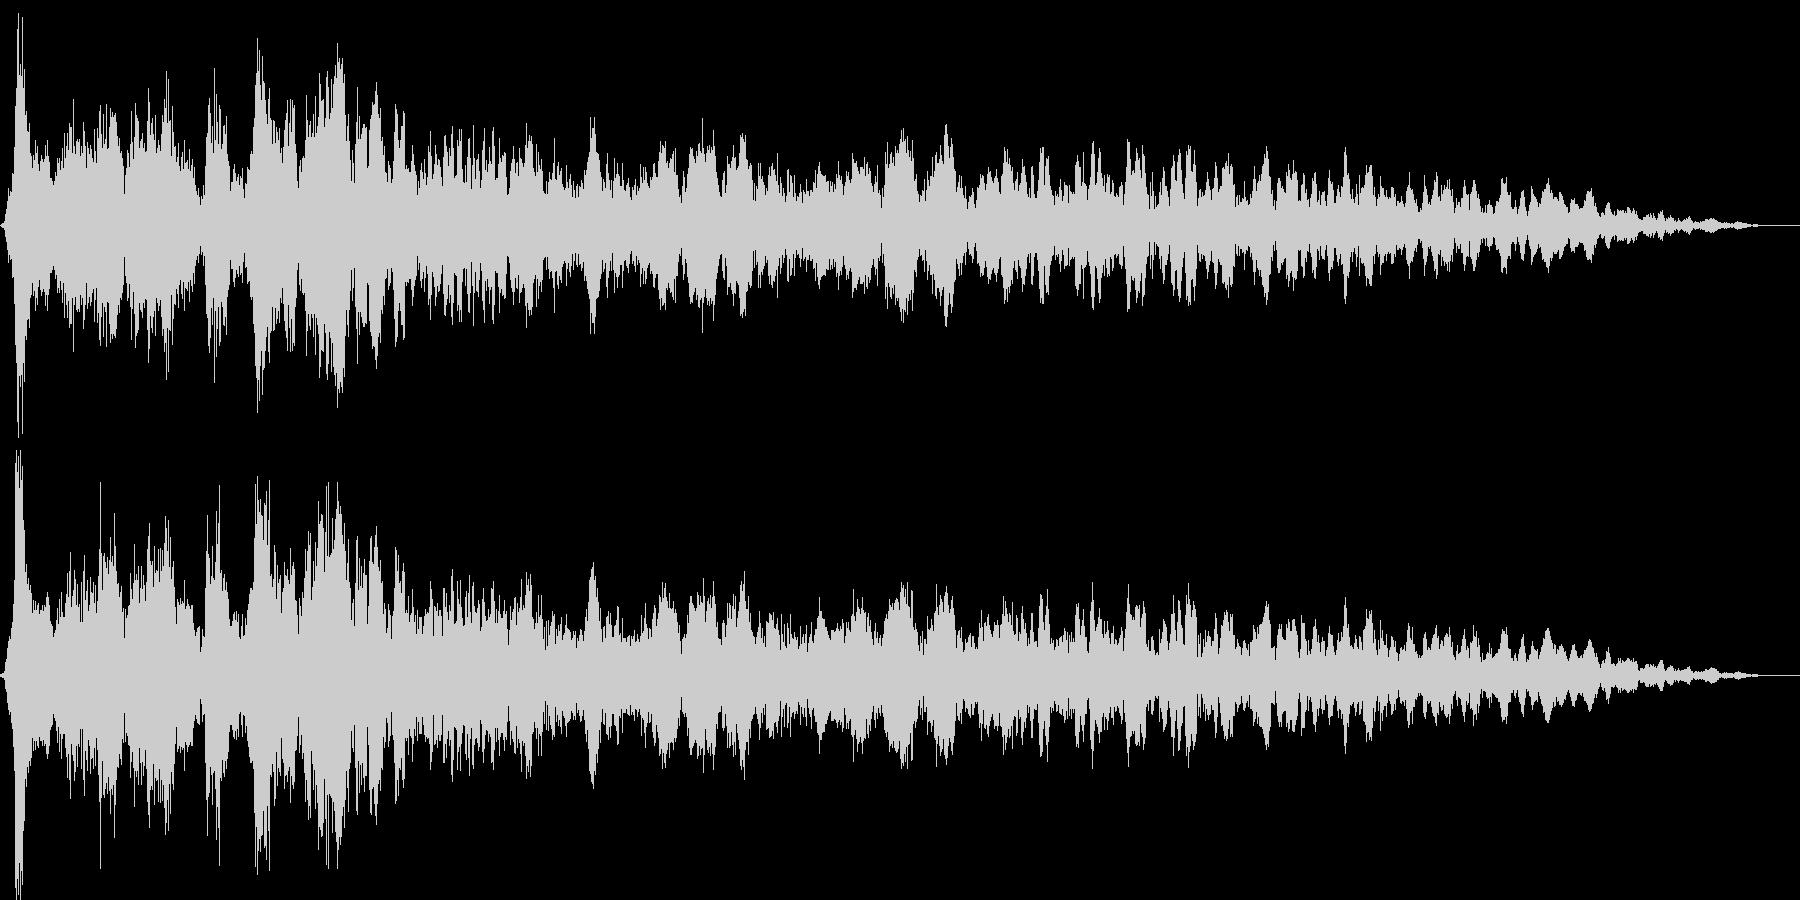 キュルルン(乗用車のエンジンをかける音)の未再生の波形